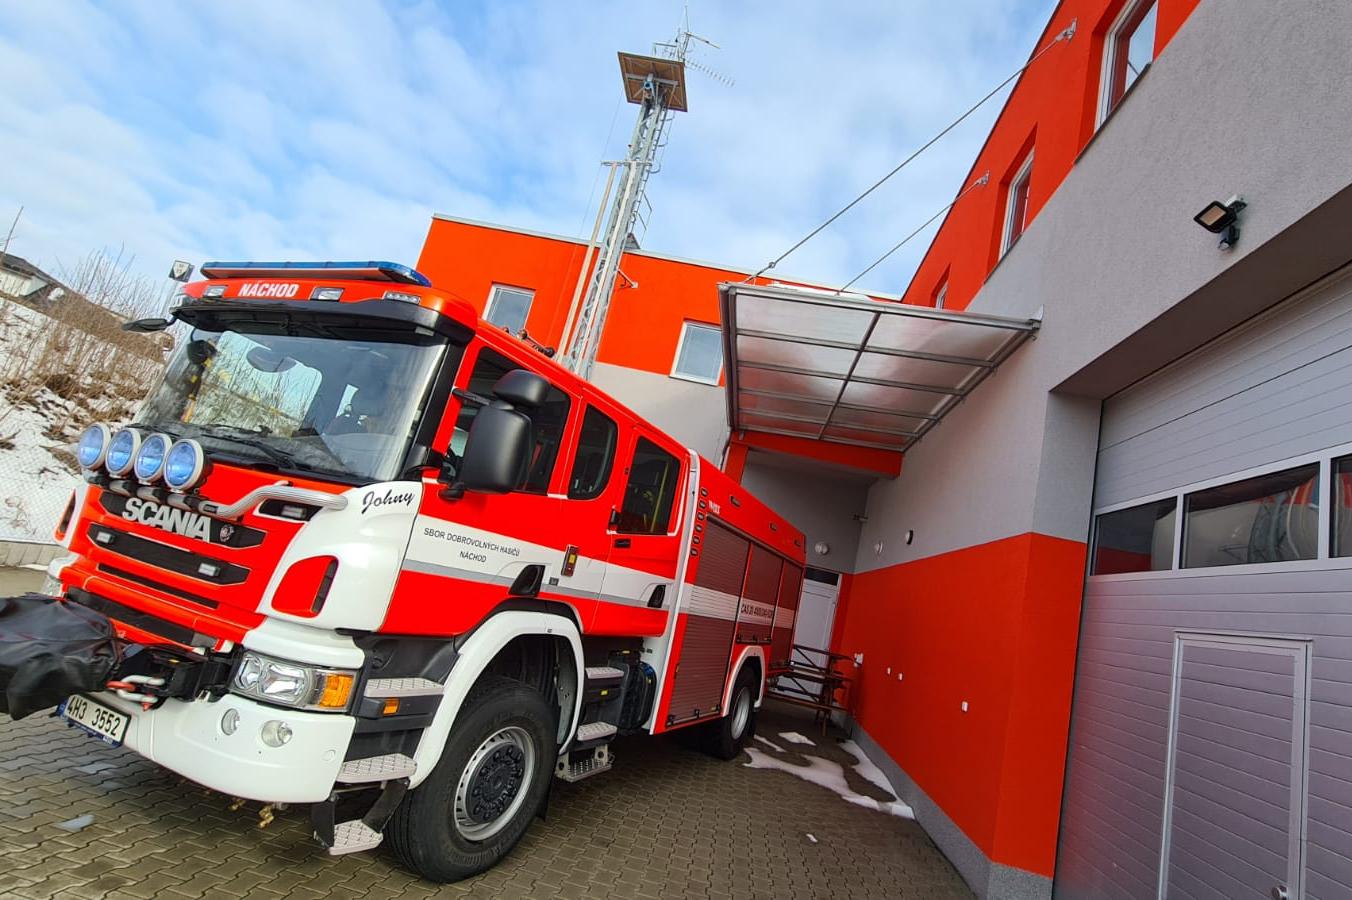 V Náchodě mají hasiči nejmodernější výstražné zařízení